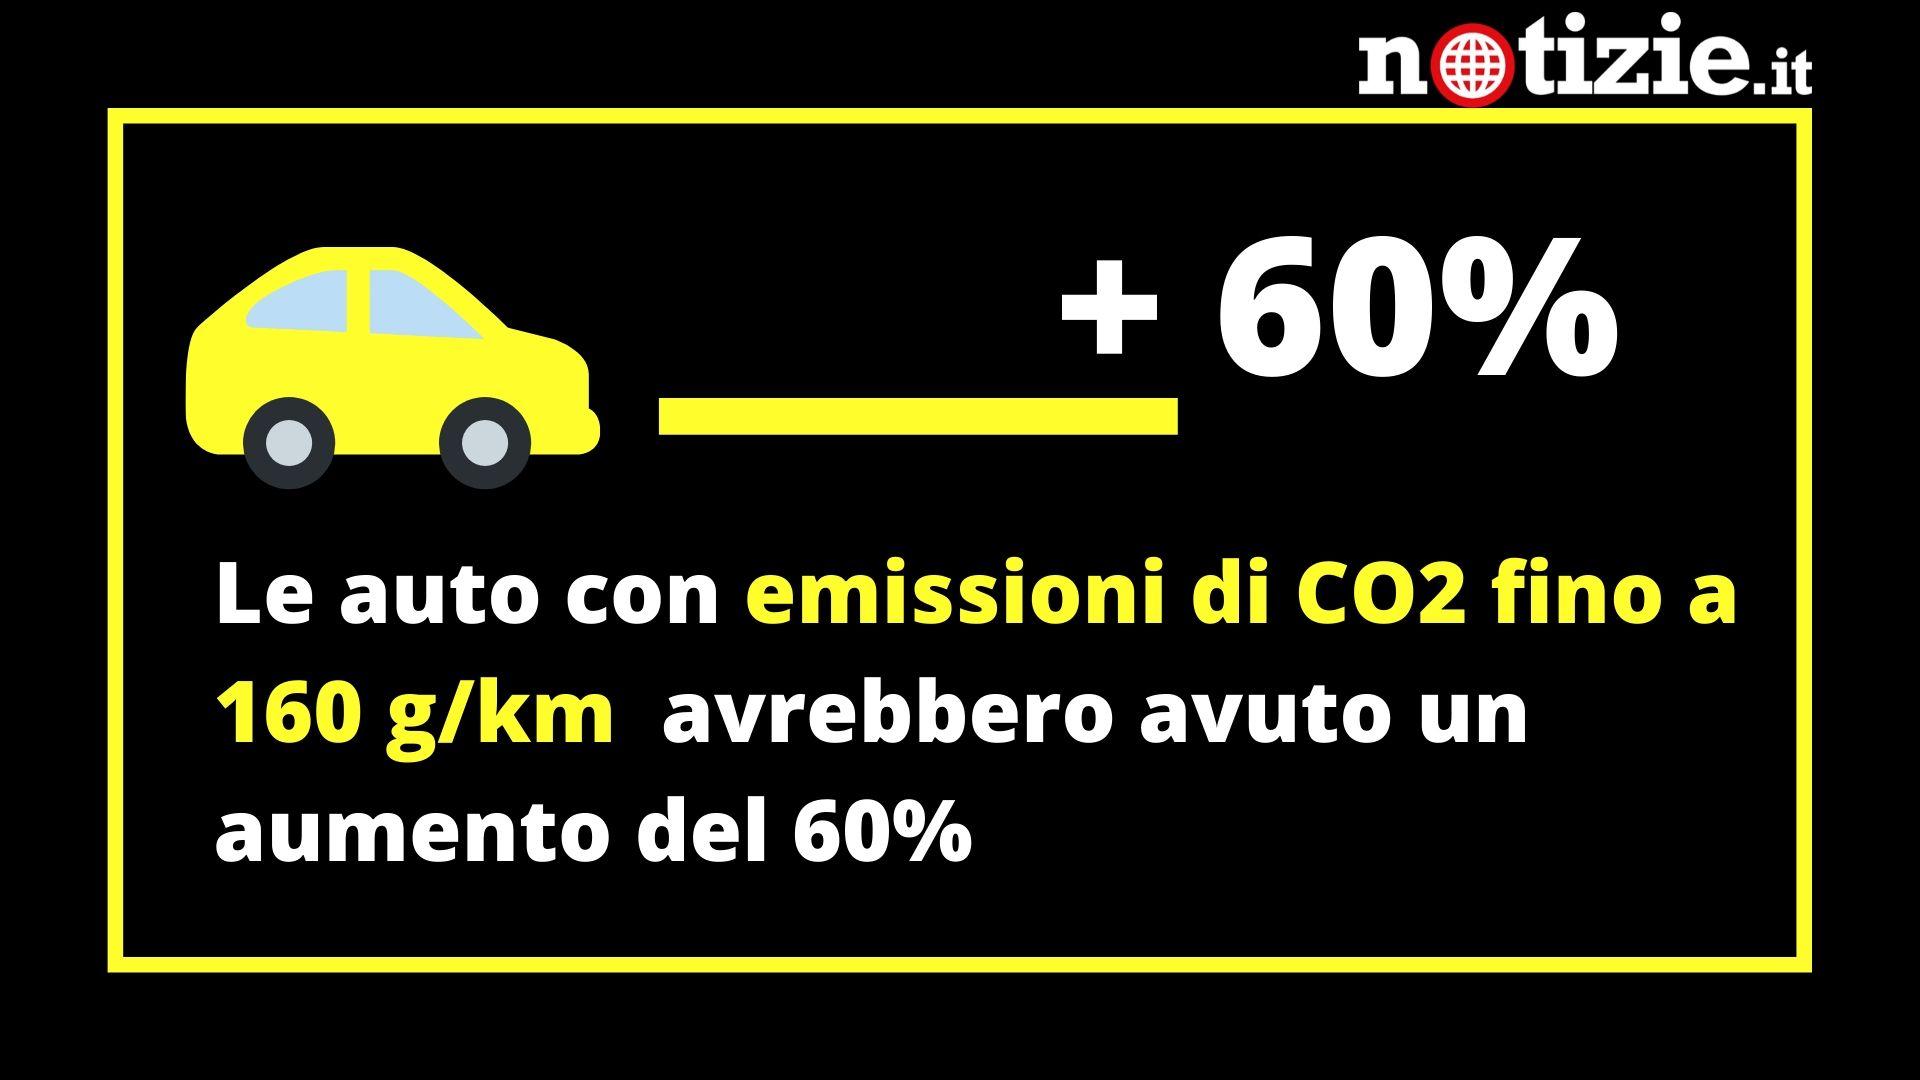 manovra auto aziendali meno inquinanti